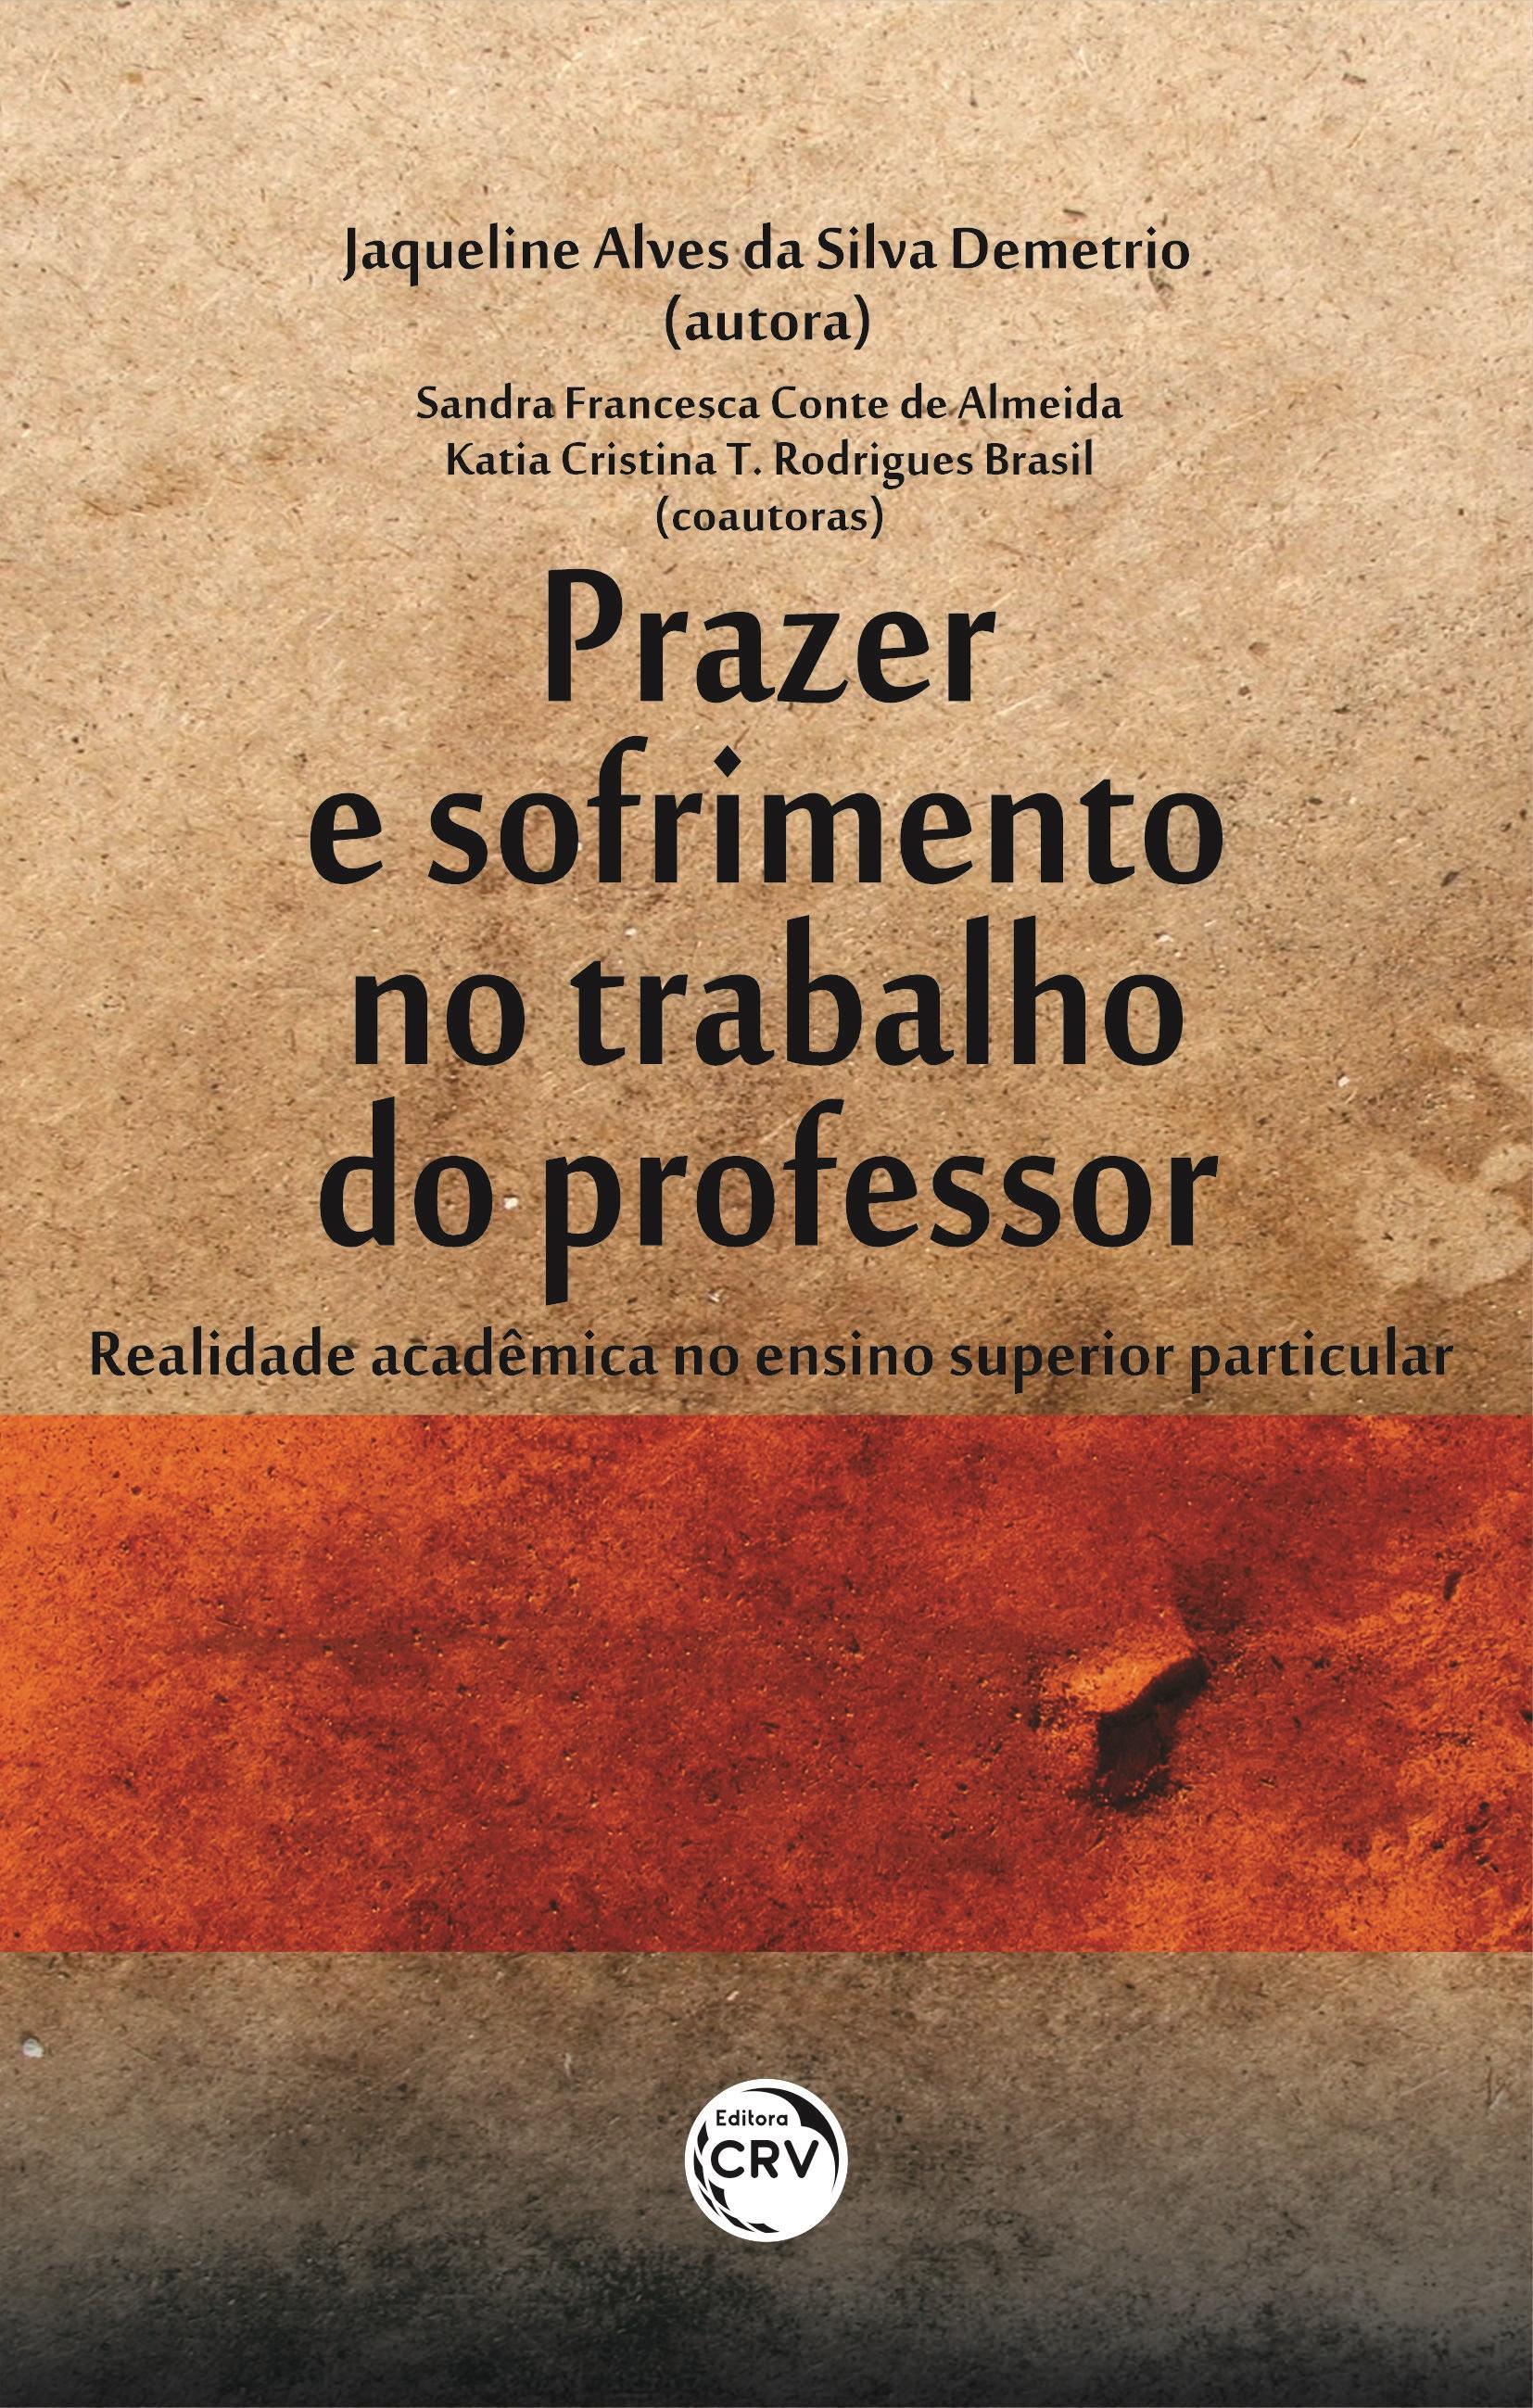 Capa do livro: PRAZER E SOFRIMENTO NO TRABALHO DO PROFESSOR: <br>realidade acadêmica no ensino superior particular